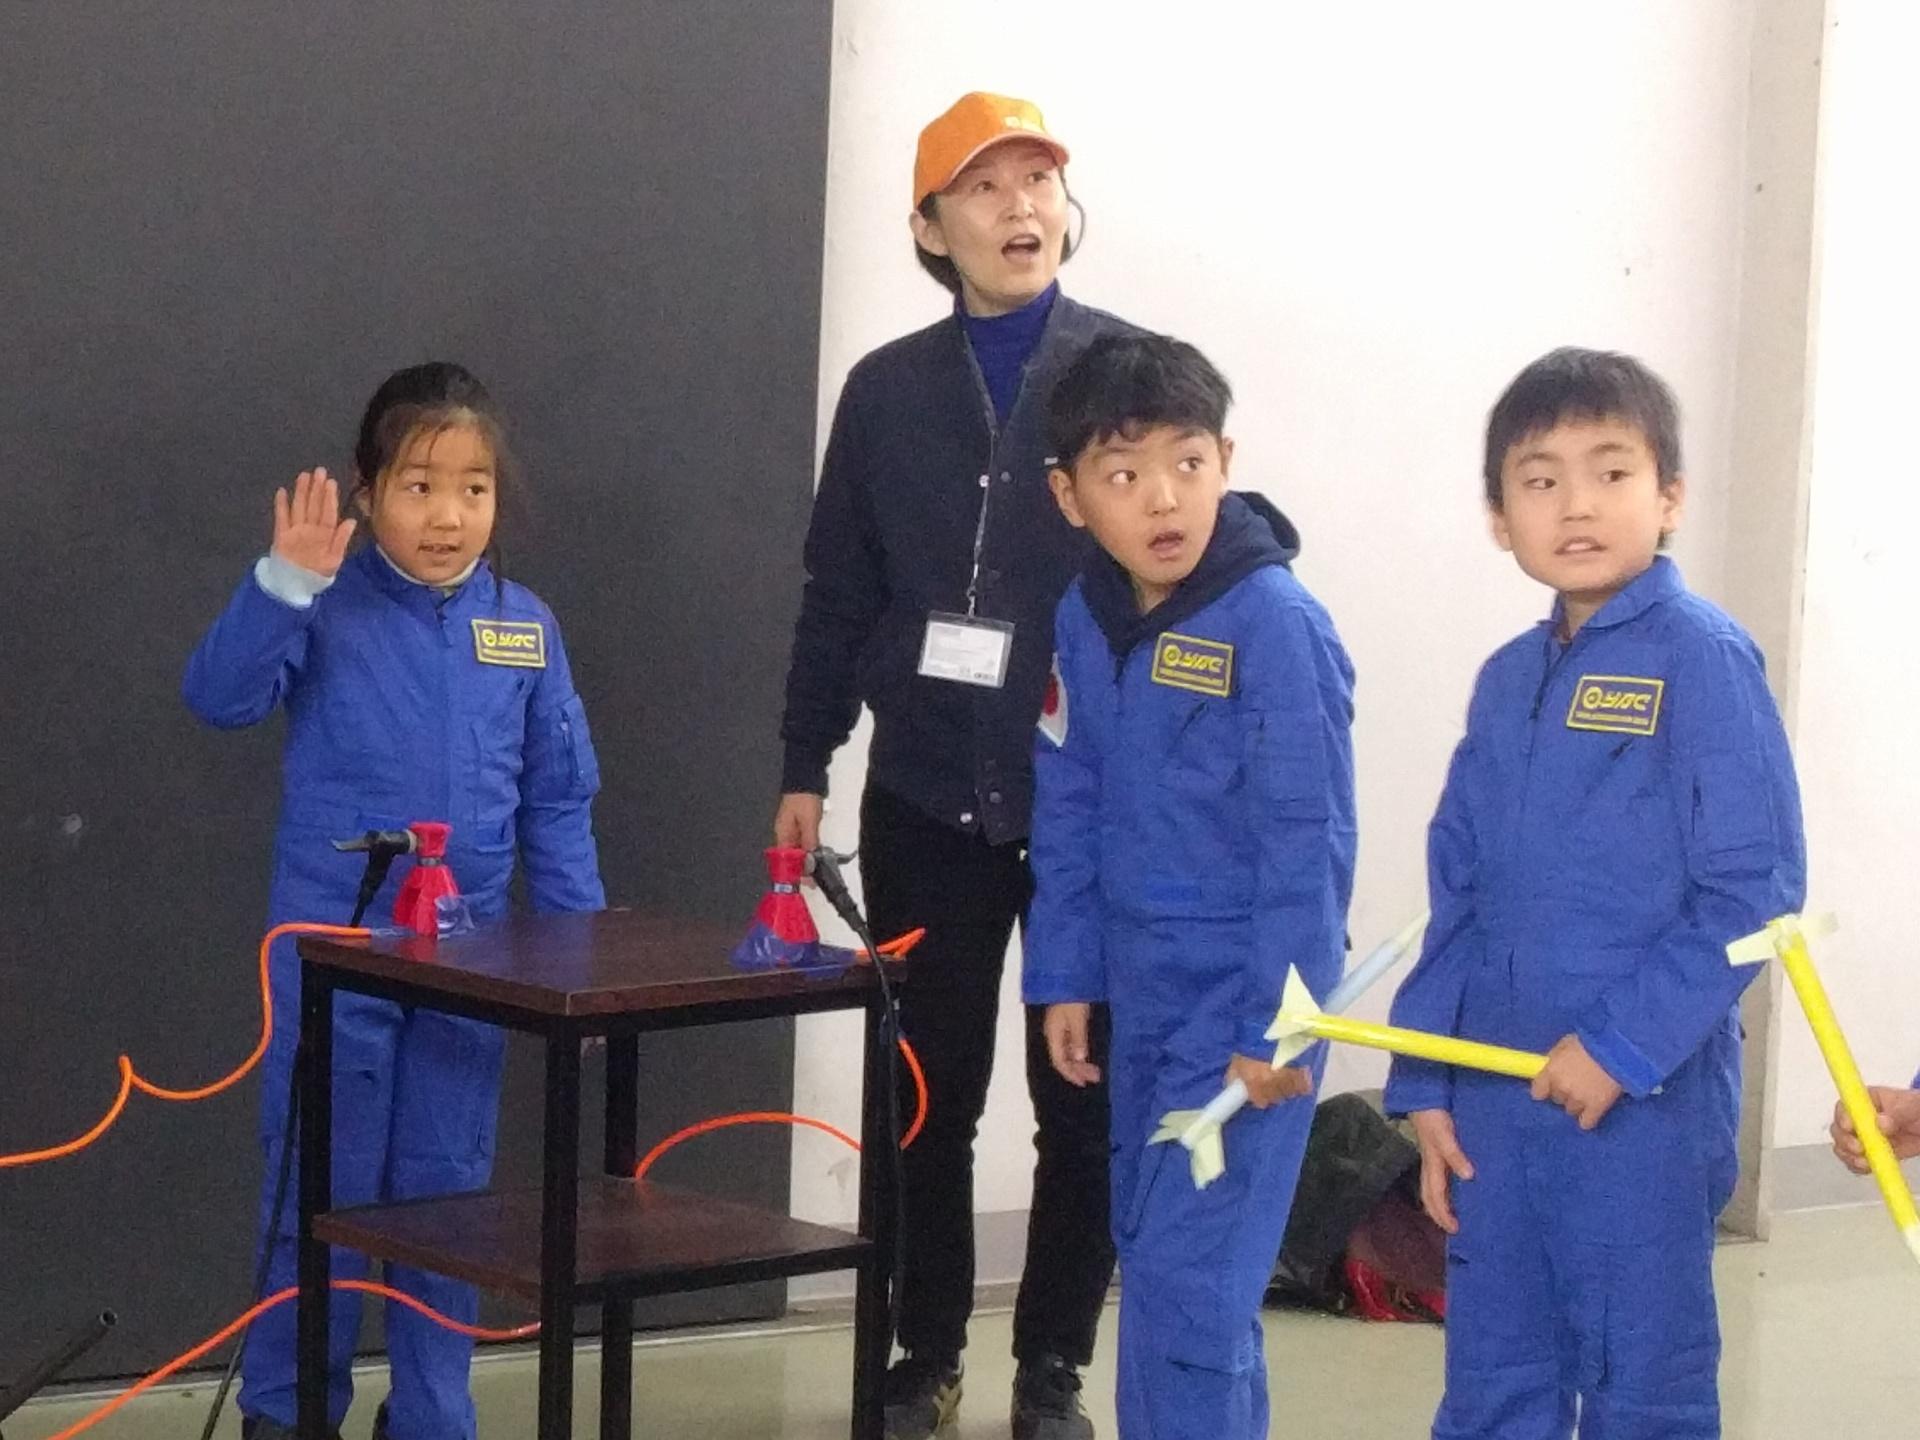 [終了]ブルースーツを着て宇宙開発ミッションに挑戦!ロケット編≪13:15開催/1日2回開催≫[現地発着/日帰り/茨城/旅いくオリジナル]